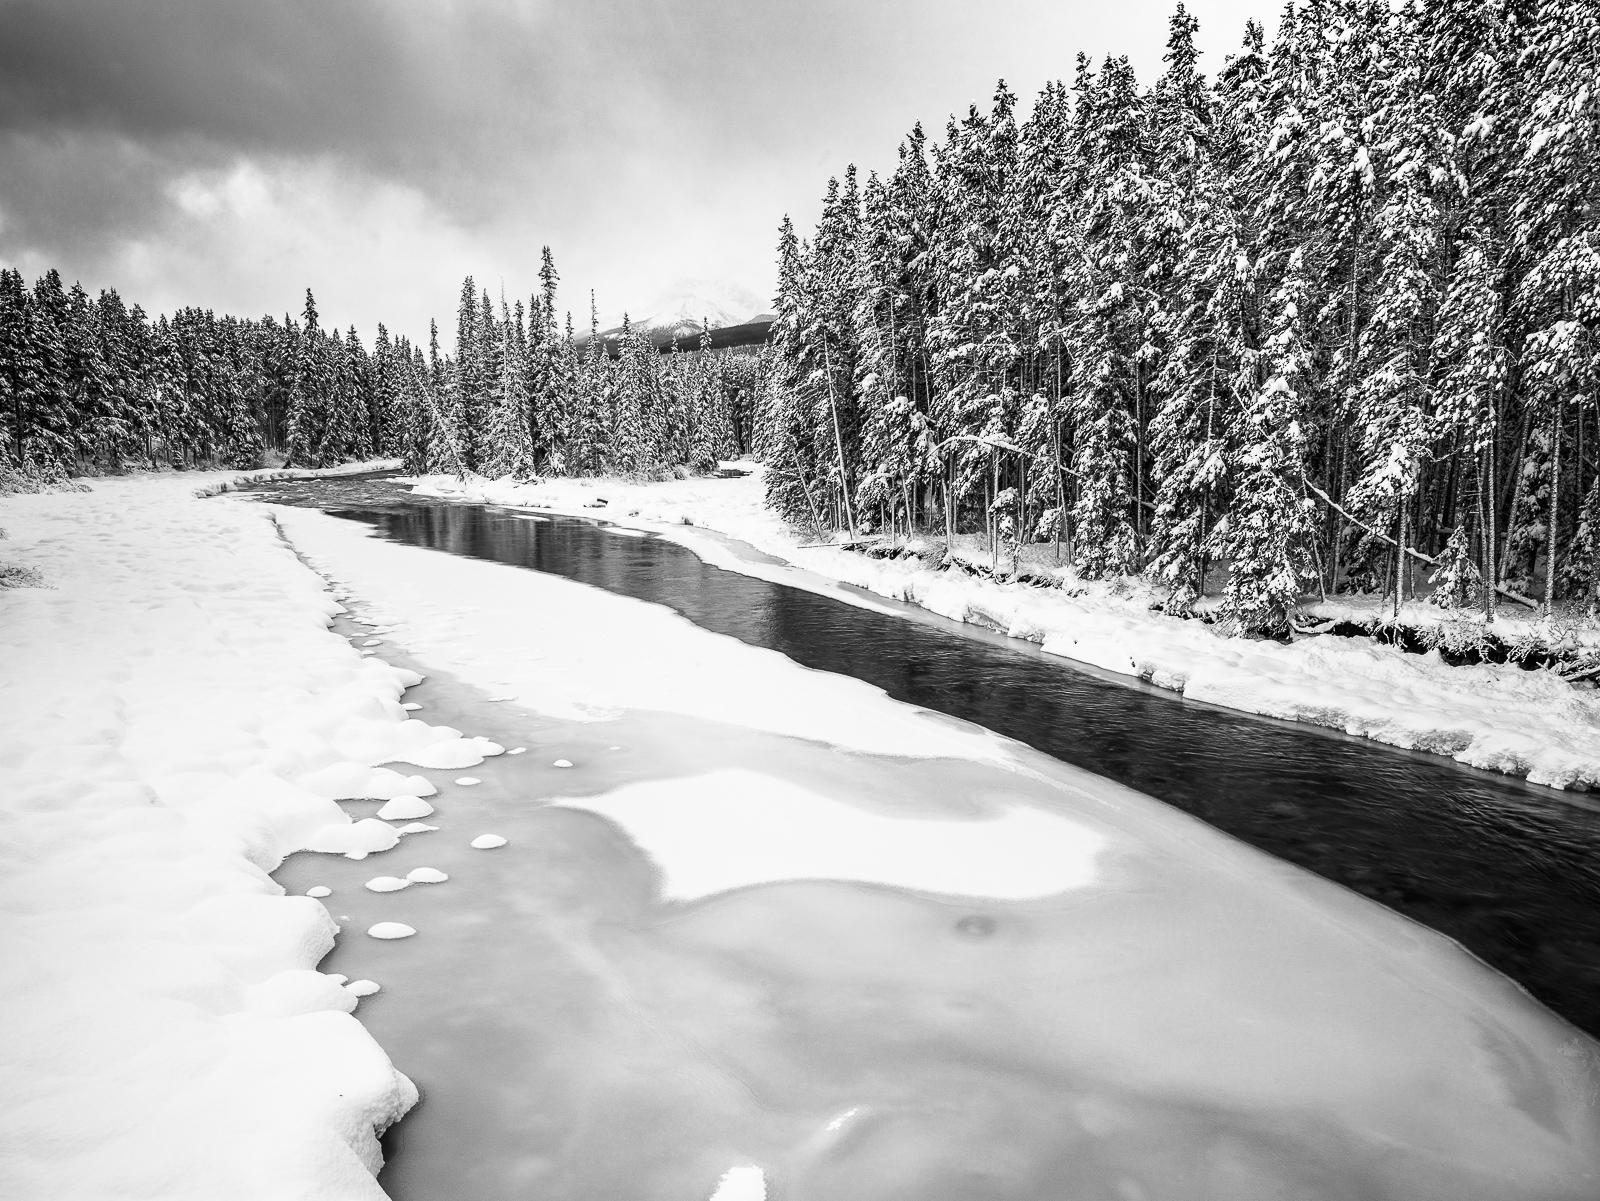 The Last Fishing Days, Canada, Horizontal, landscape, winter, Banf National Park, landscape, horizontal, B&W, BW, Black, White, photo